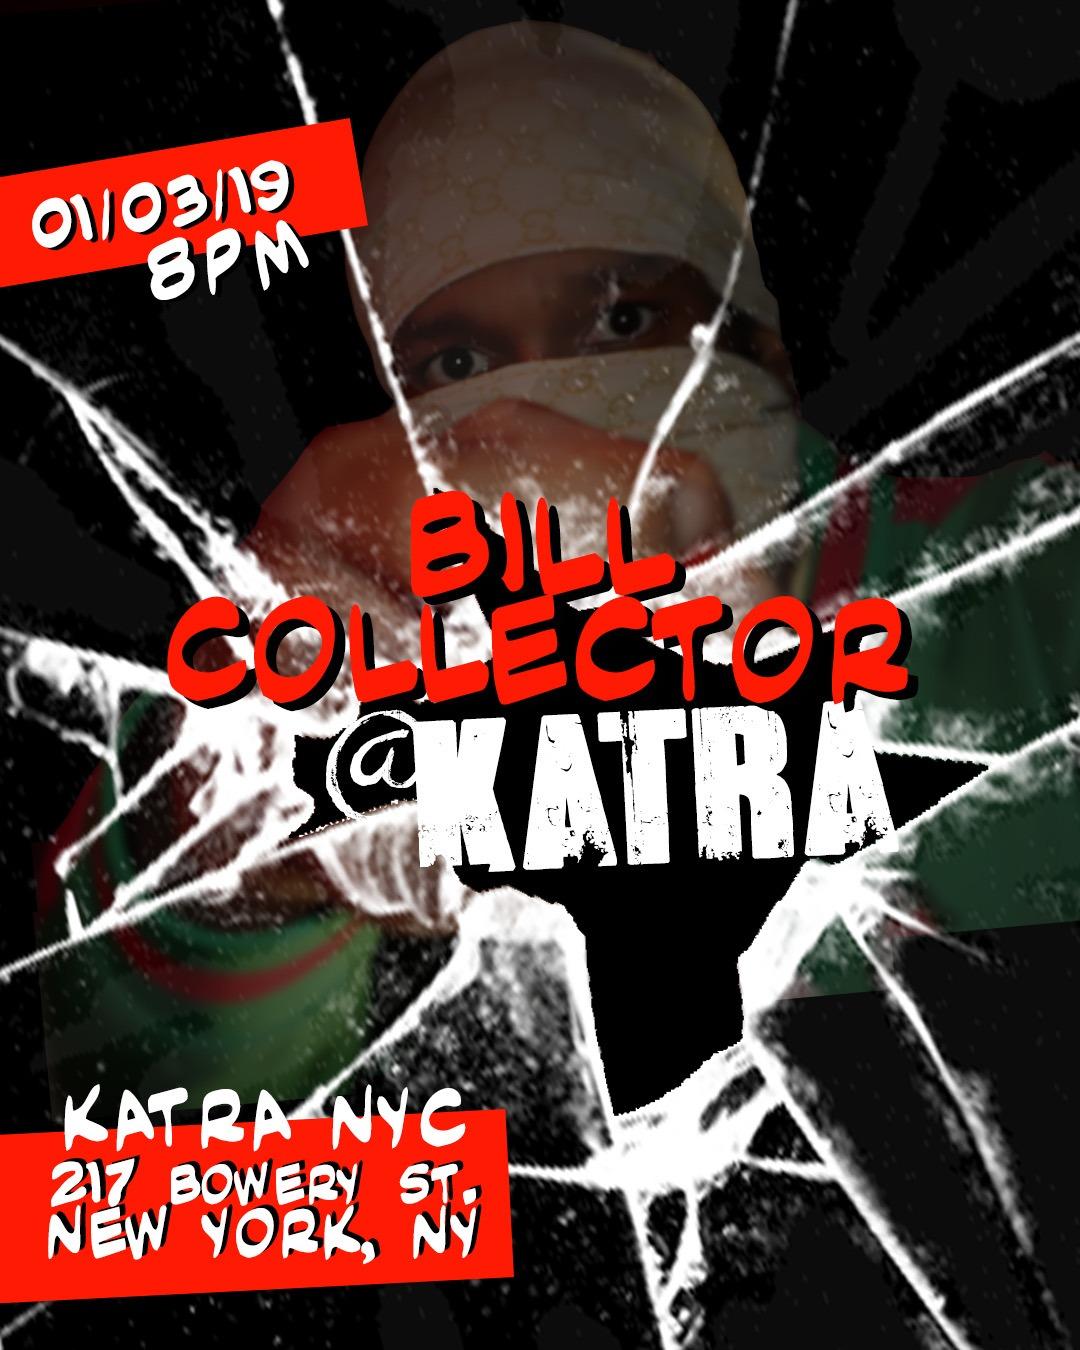 010419 Bill @ Katra